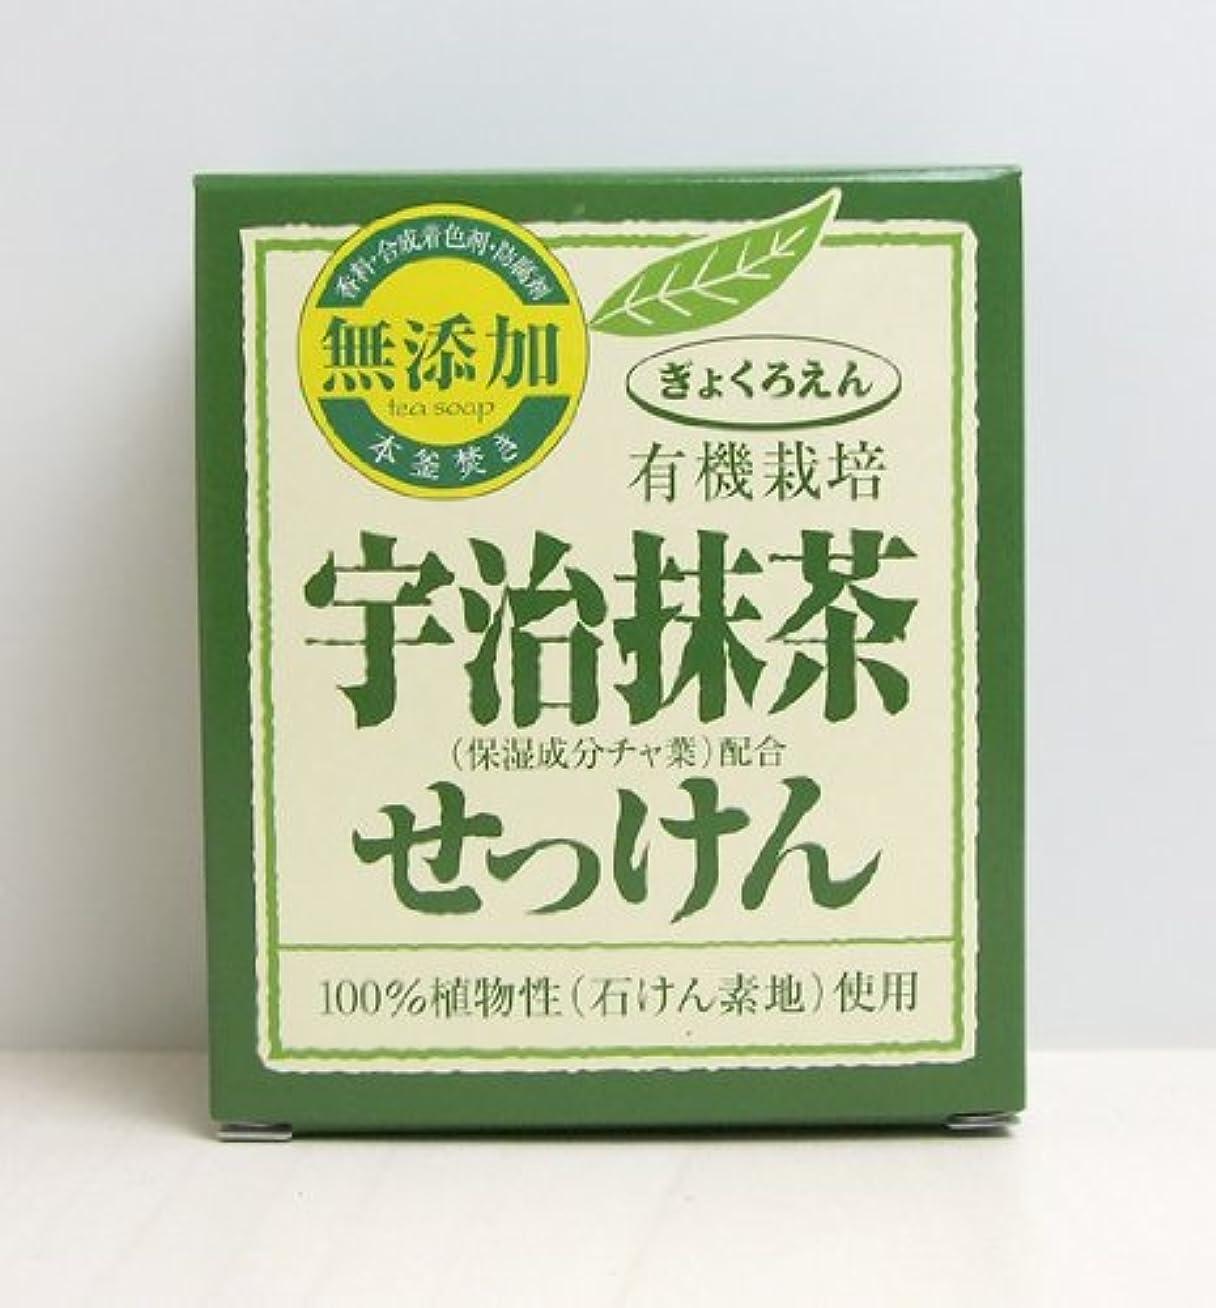 関連付けるヨーロッパ感性お茶のせっけん:有機栽培宇治抹茶せっけん